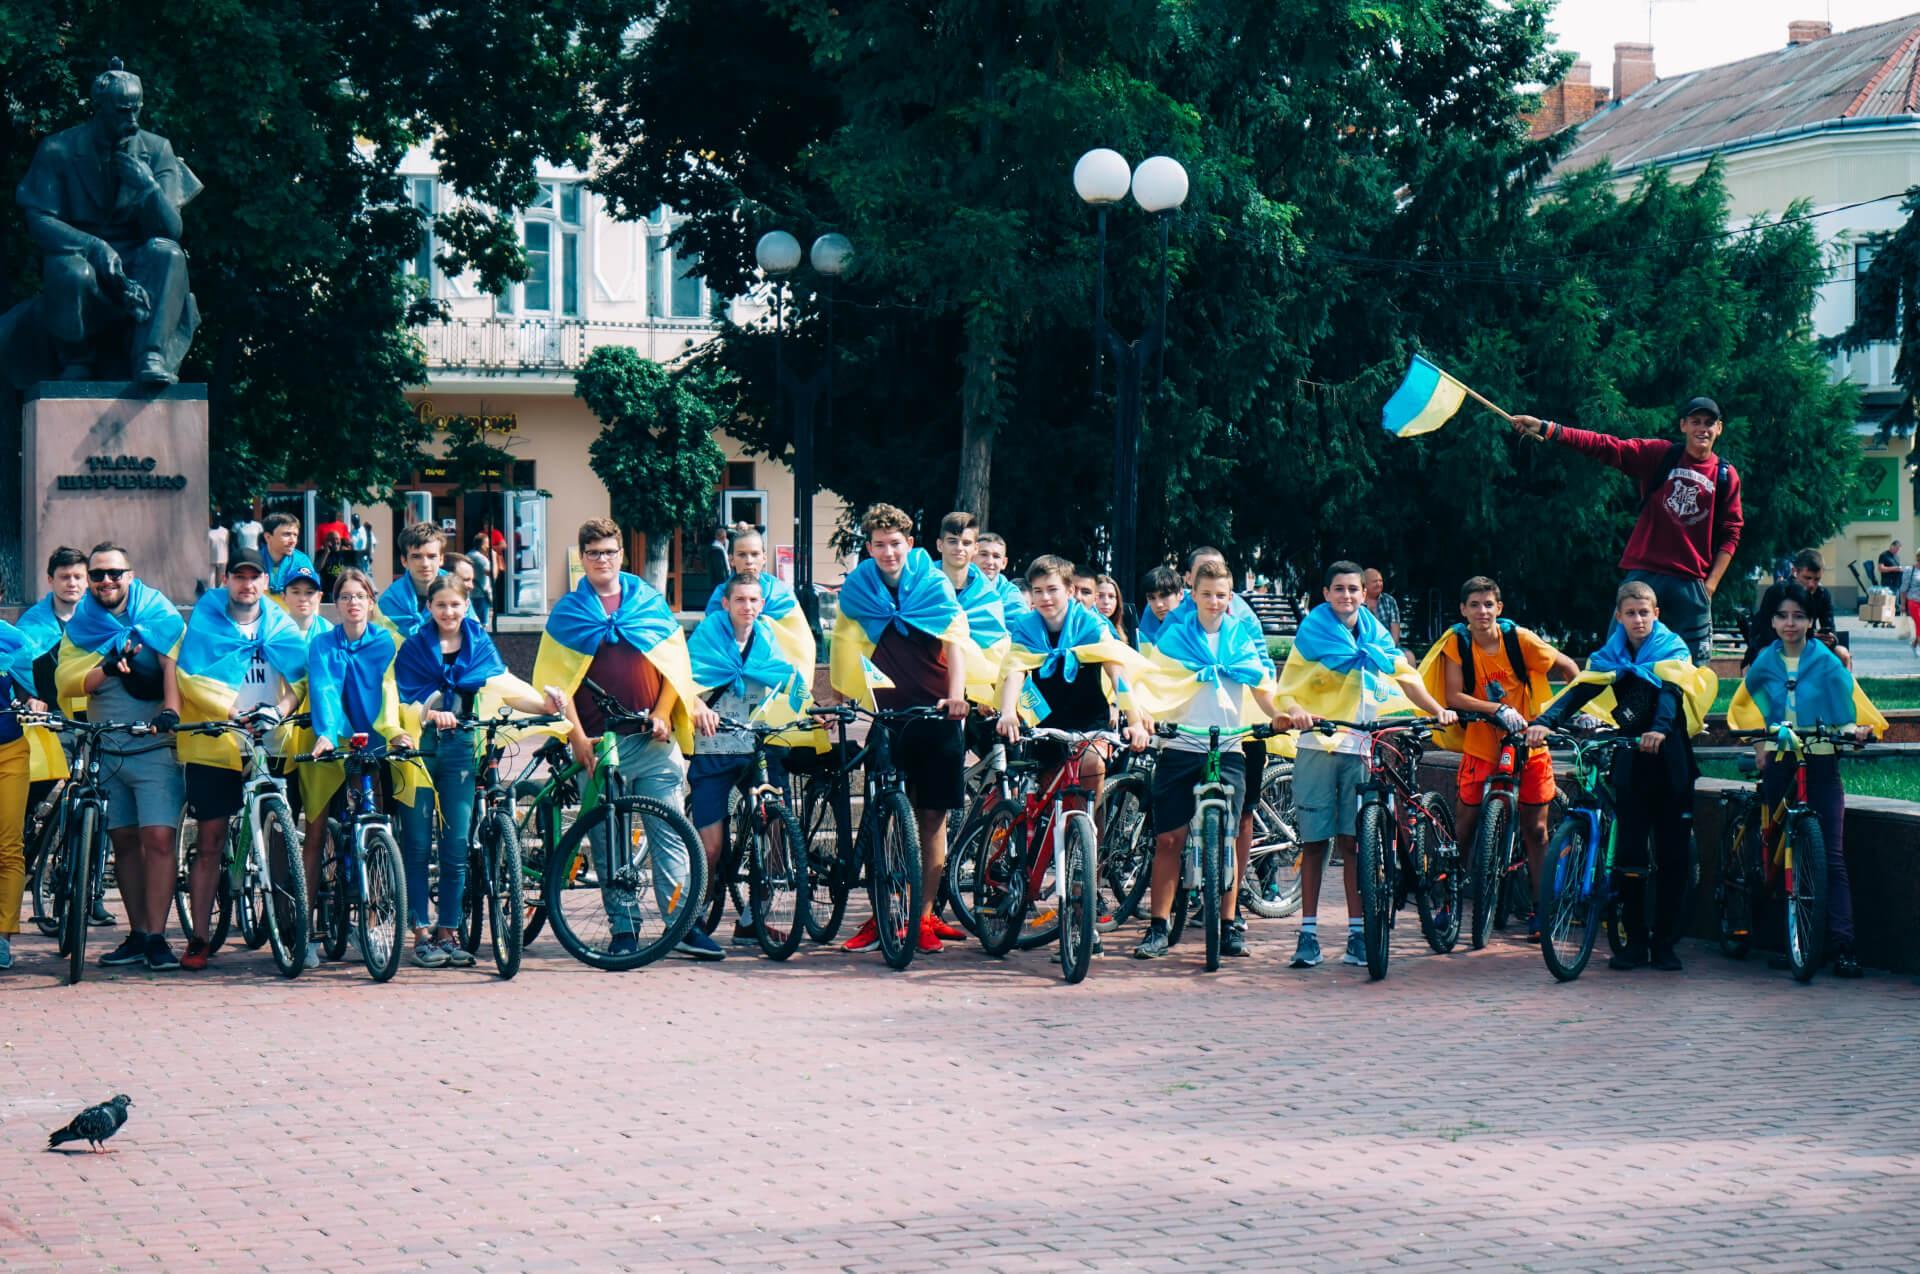 У Коломиї відбувся велозабіг до Дня прапора. Фоторепортаж